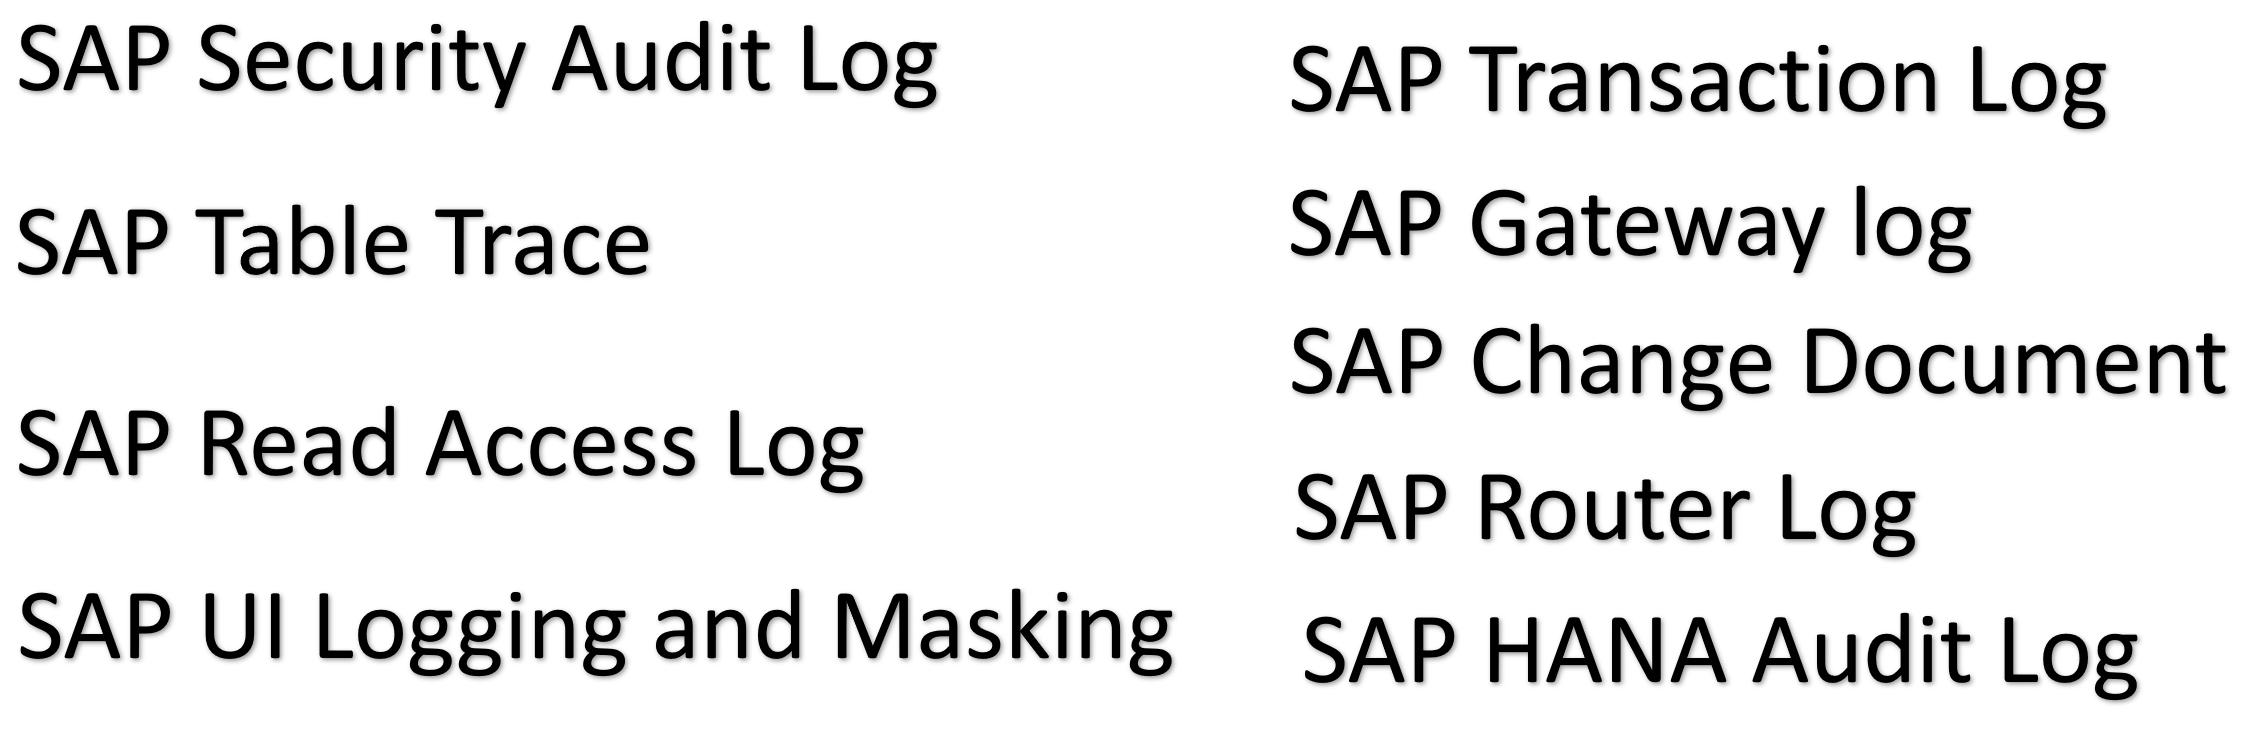 SAP_LOG